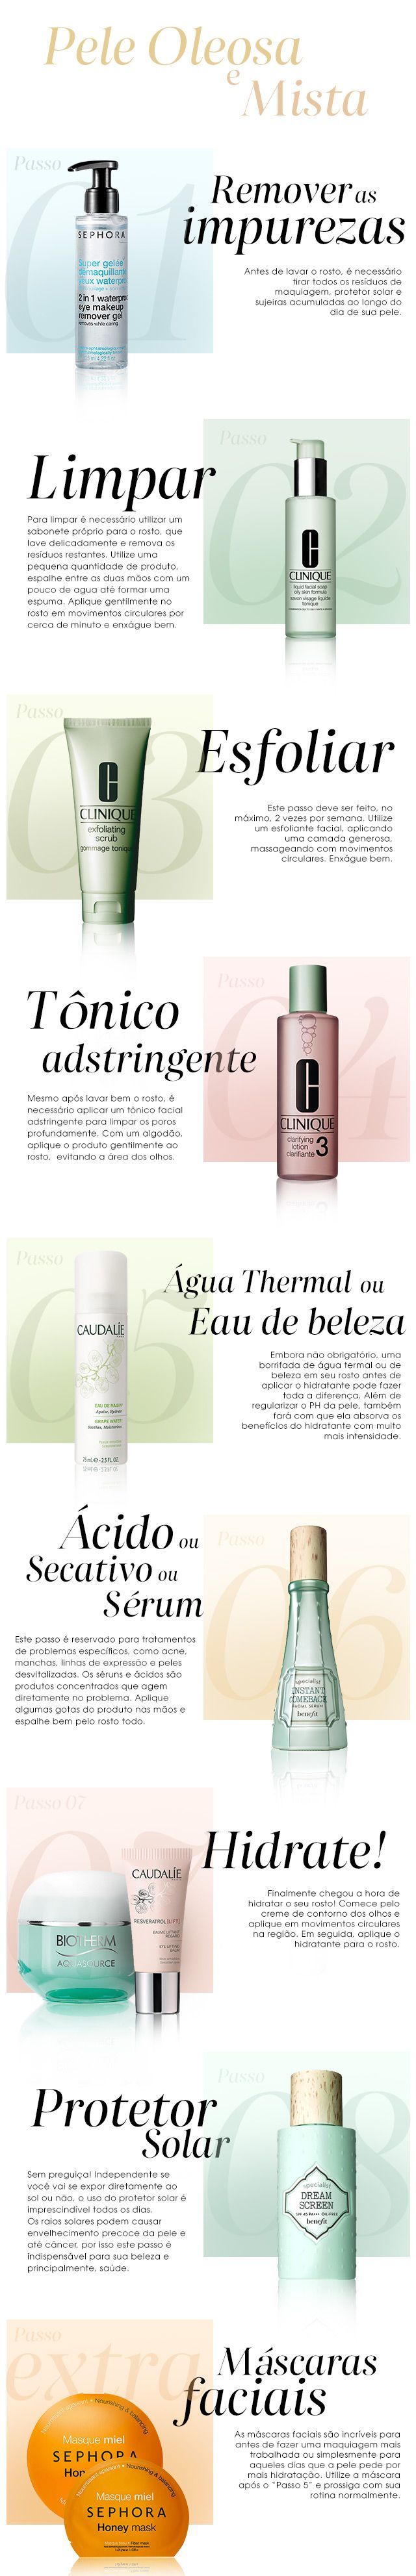 I Love Beauty - Como cuidar da pele oleosa: uma rotina de cuidados essenciais para um rosto lindo!